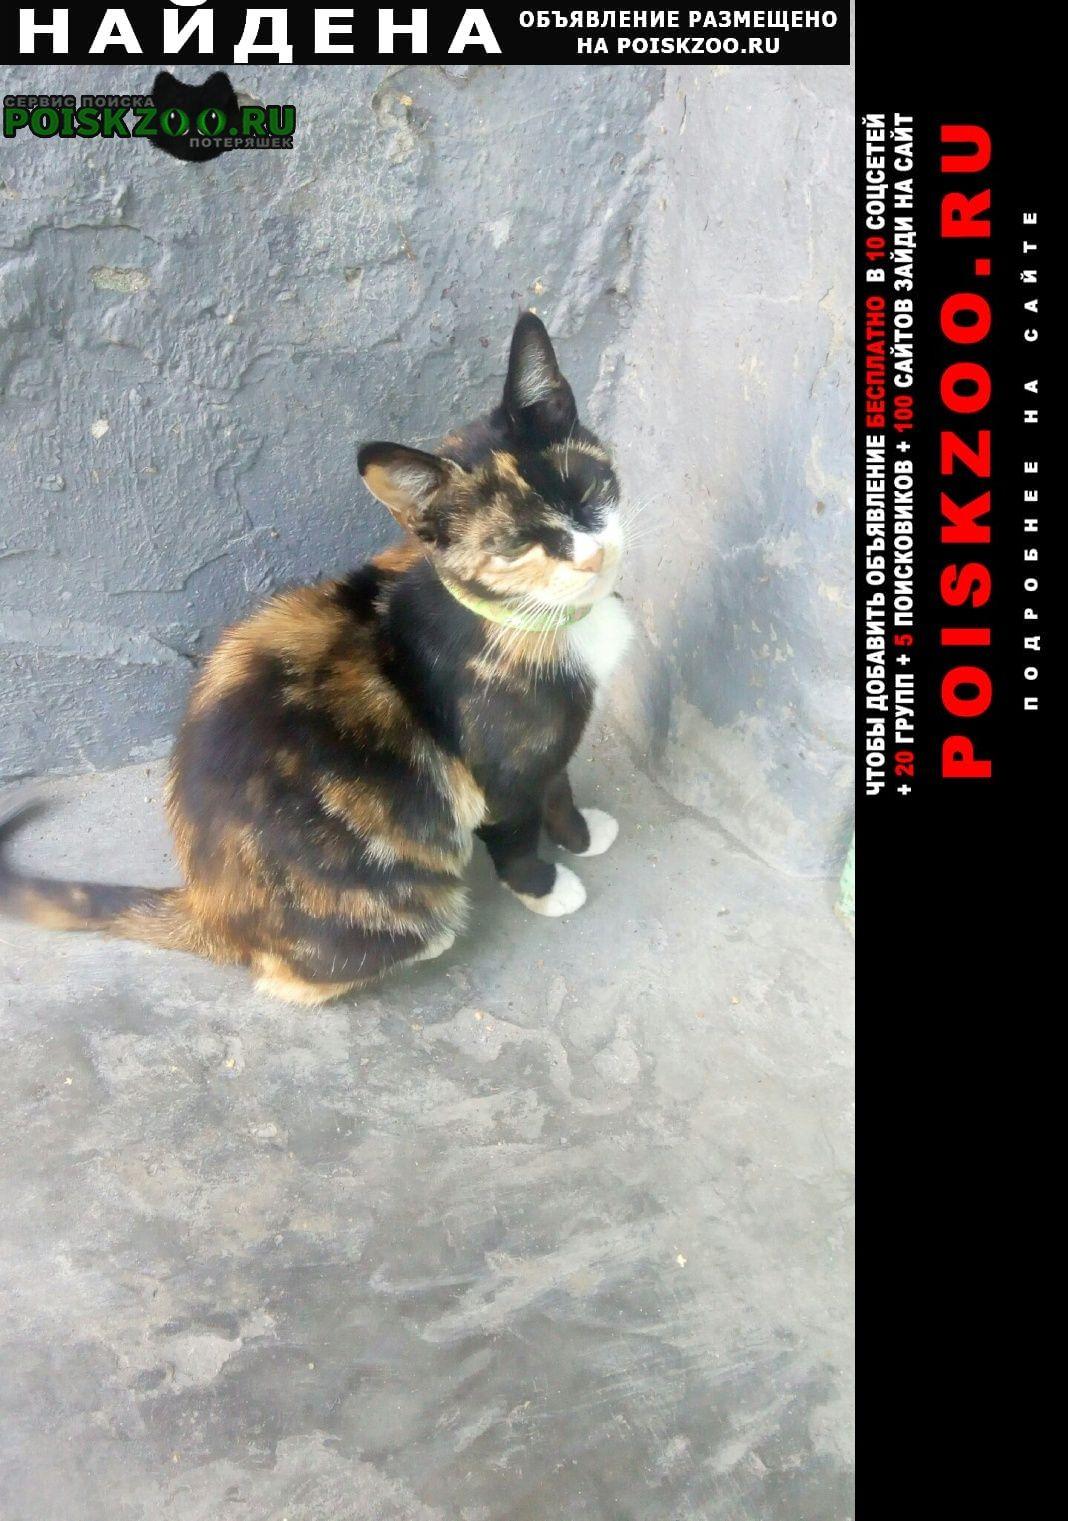 Найдена кошка черепахово окраса с ошейни Краснодар